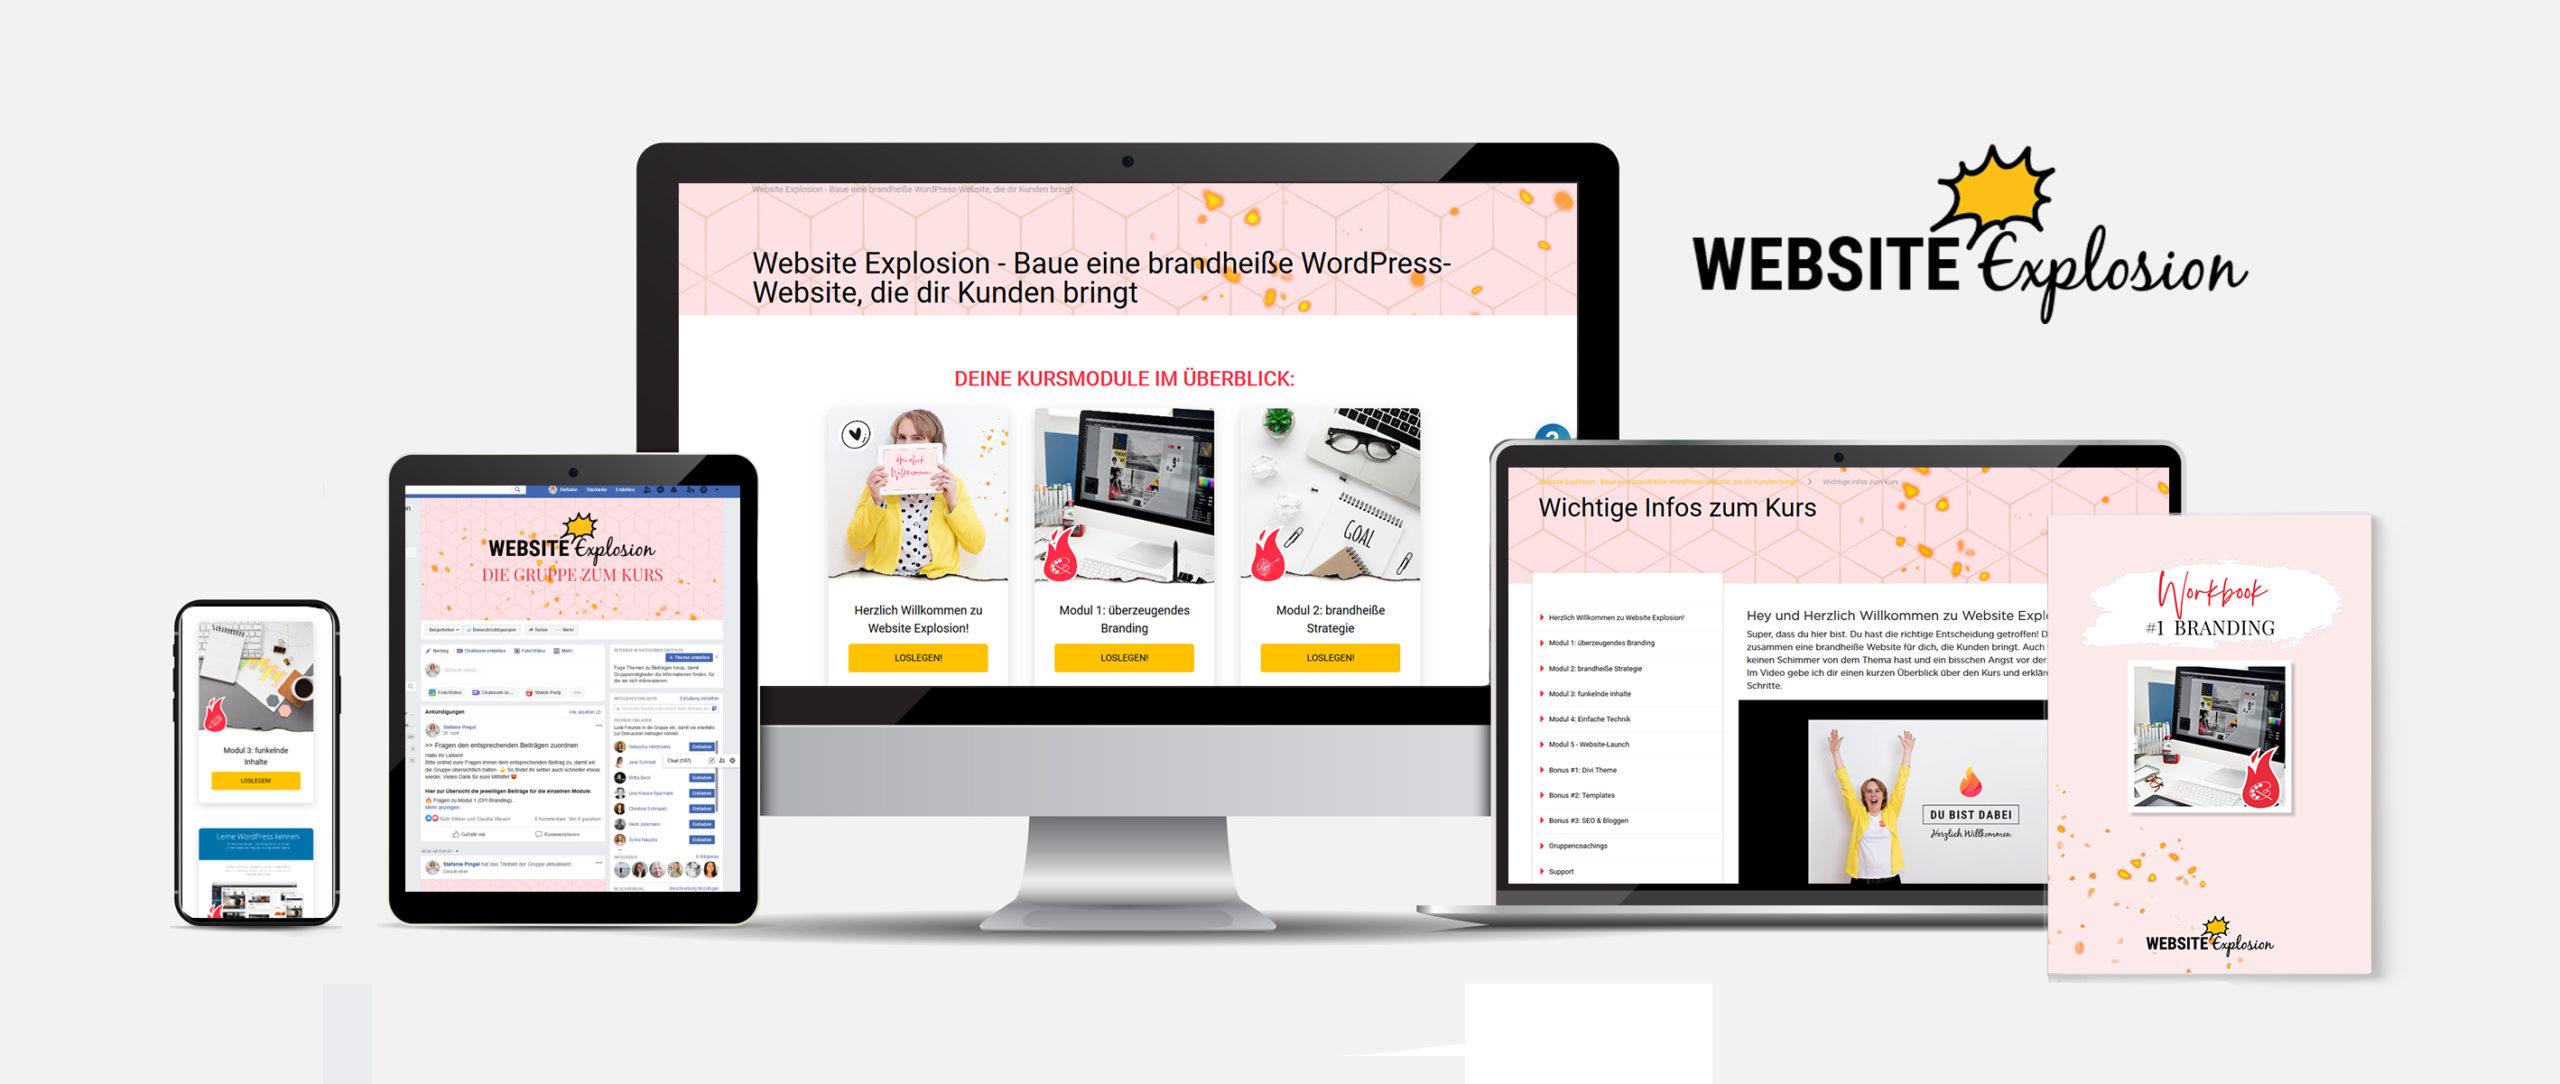 Website Explosion Onlinekurs